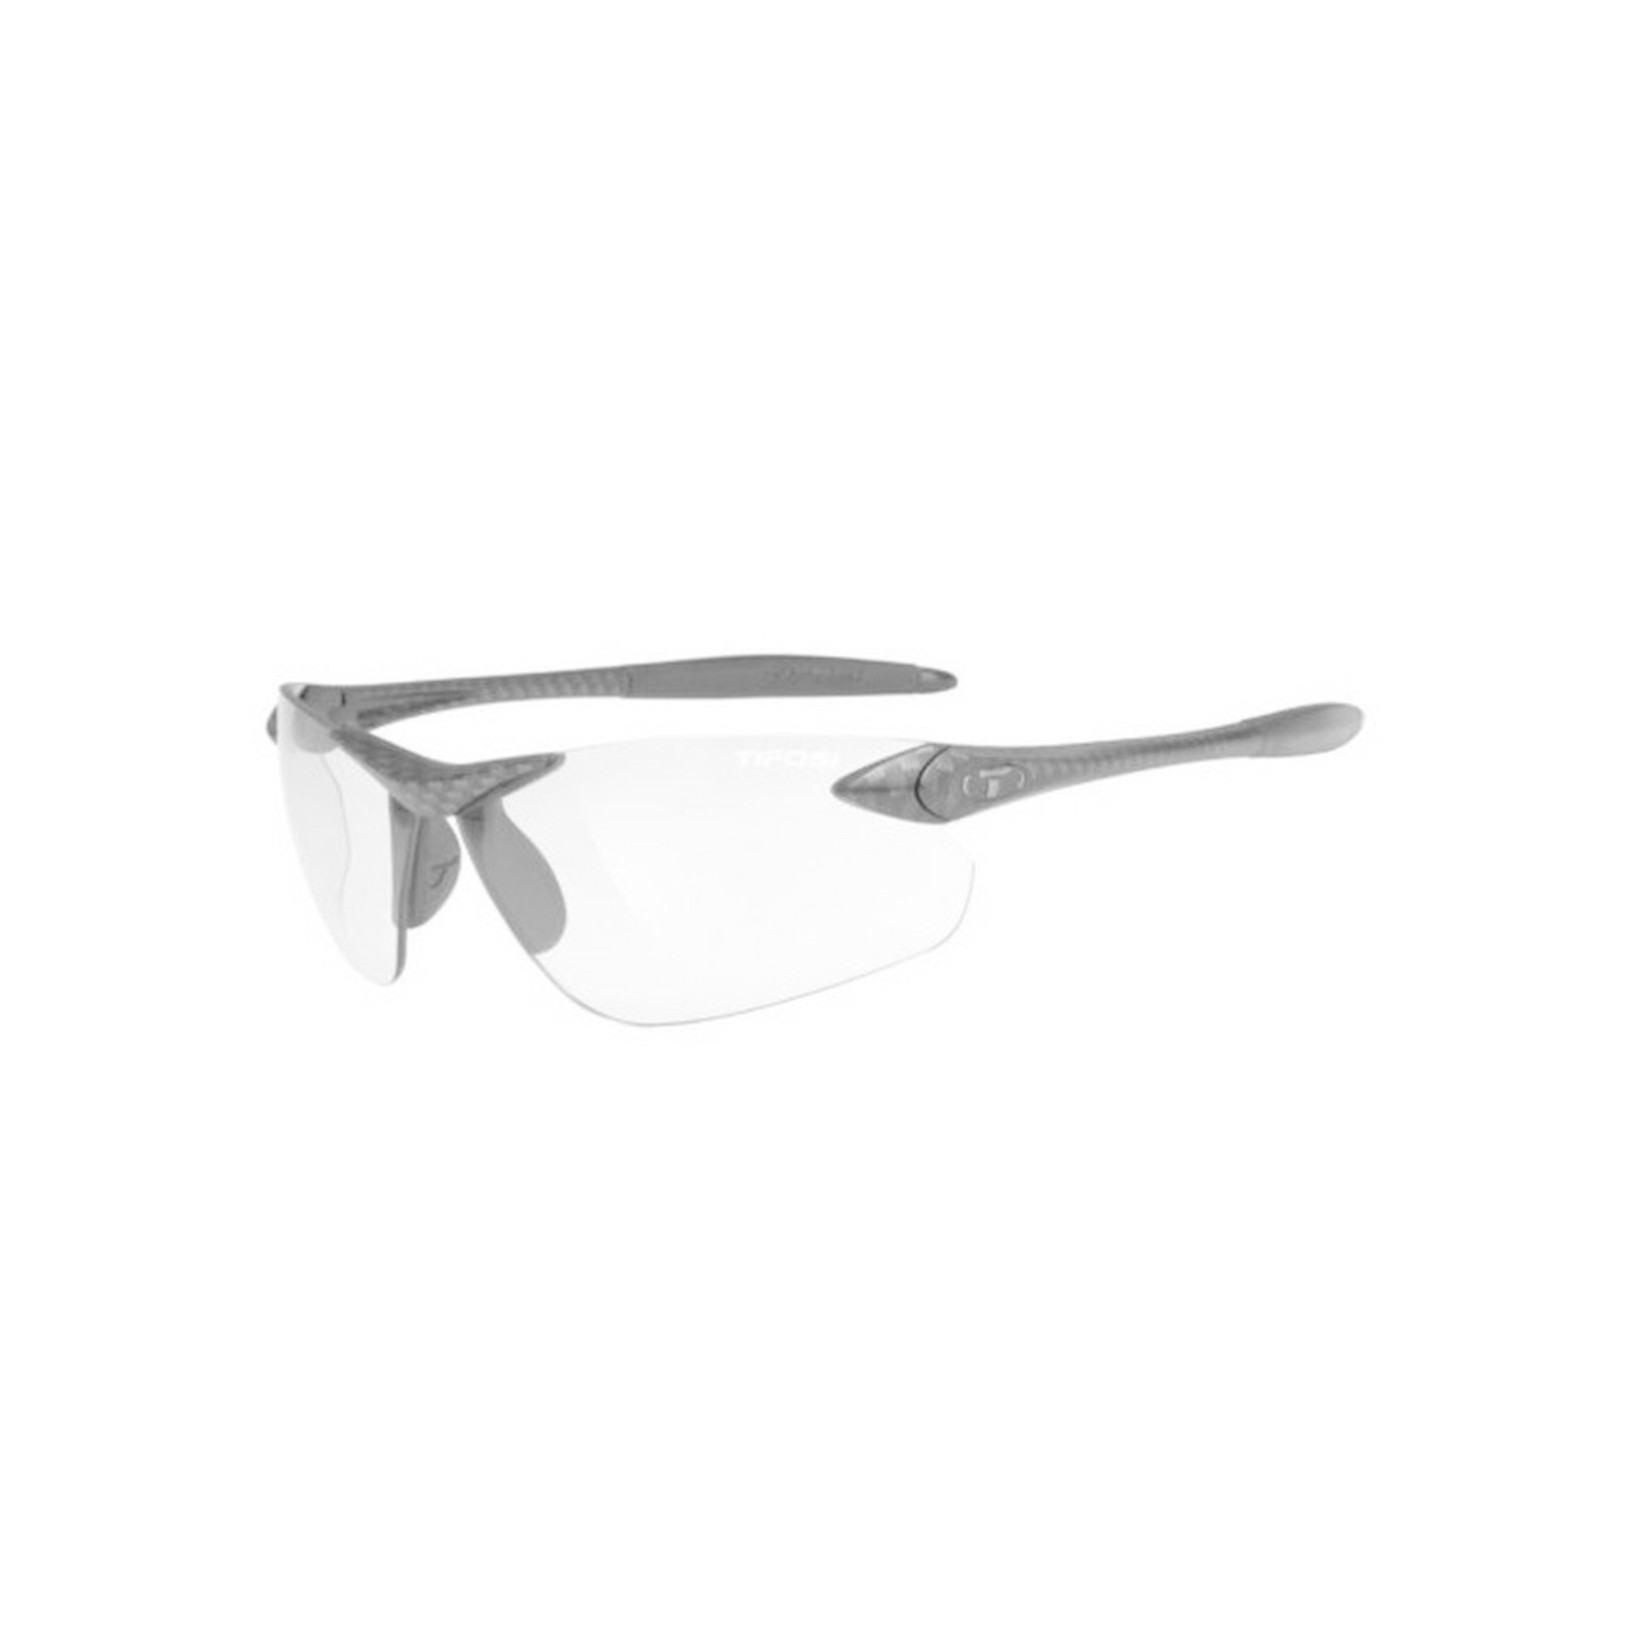 TIFOSI OPTICS Sunglasses Tifosi Seek FC Carbon